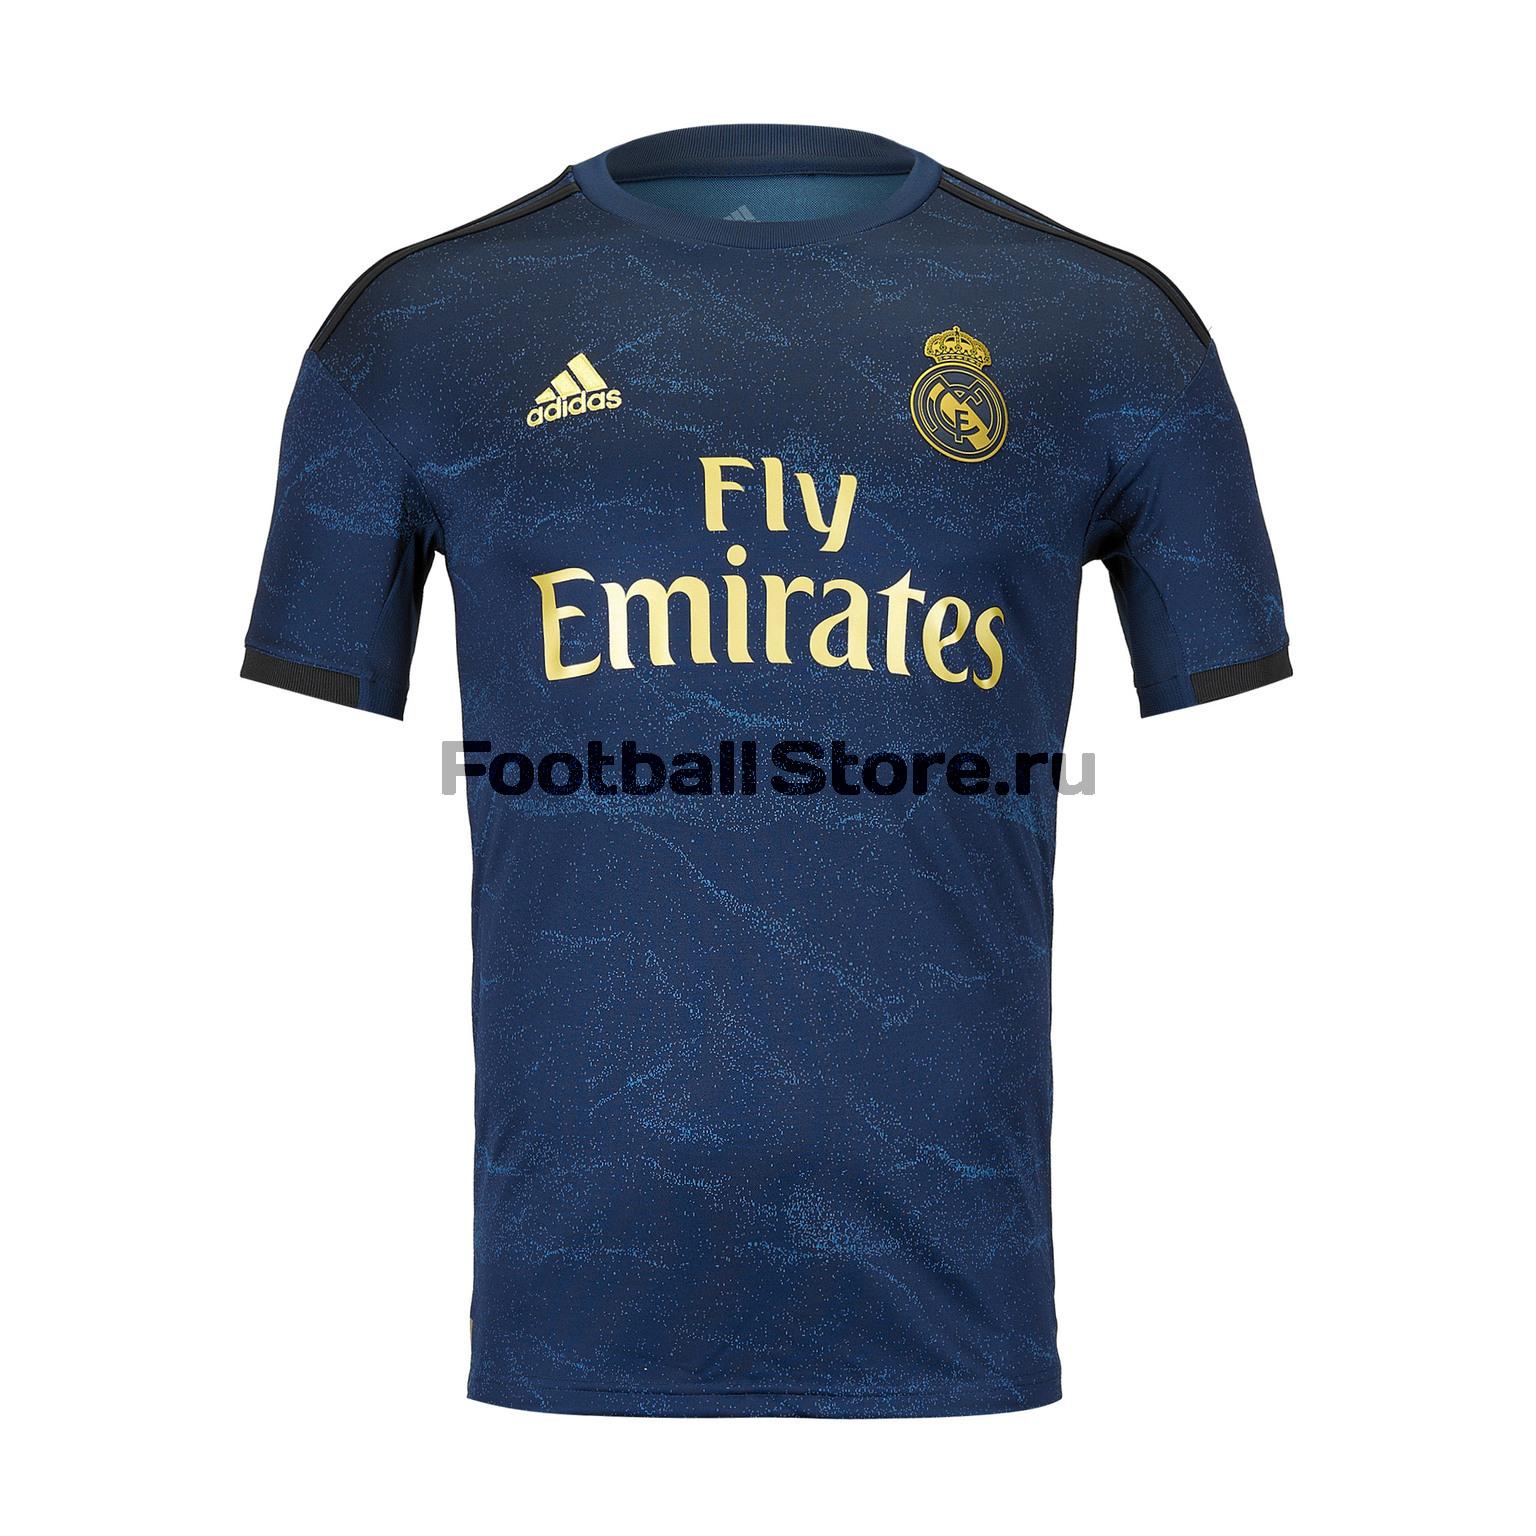 Футболка игровая выездная Adidas Real Madrid 2019/20 цена